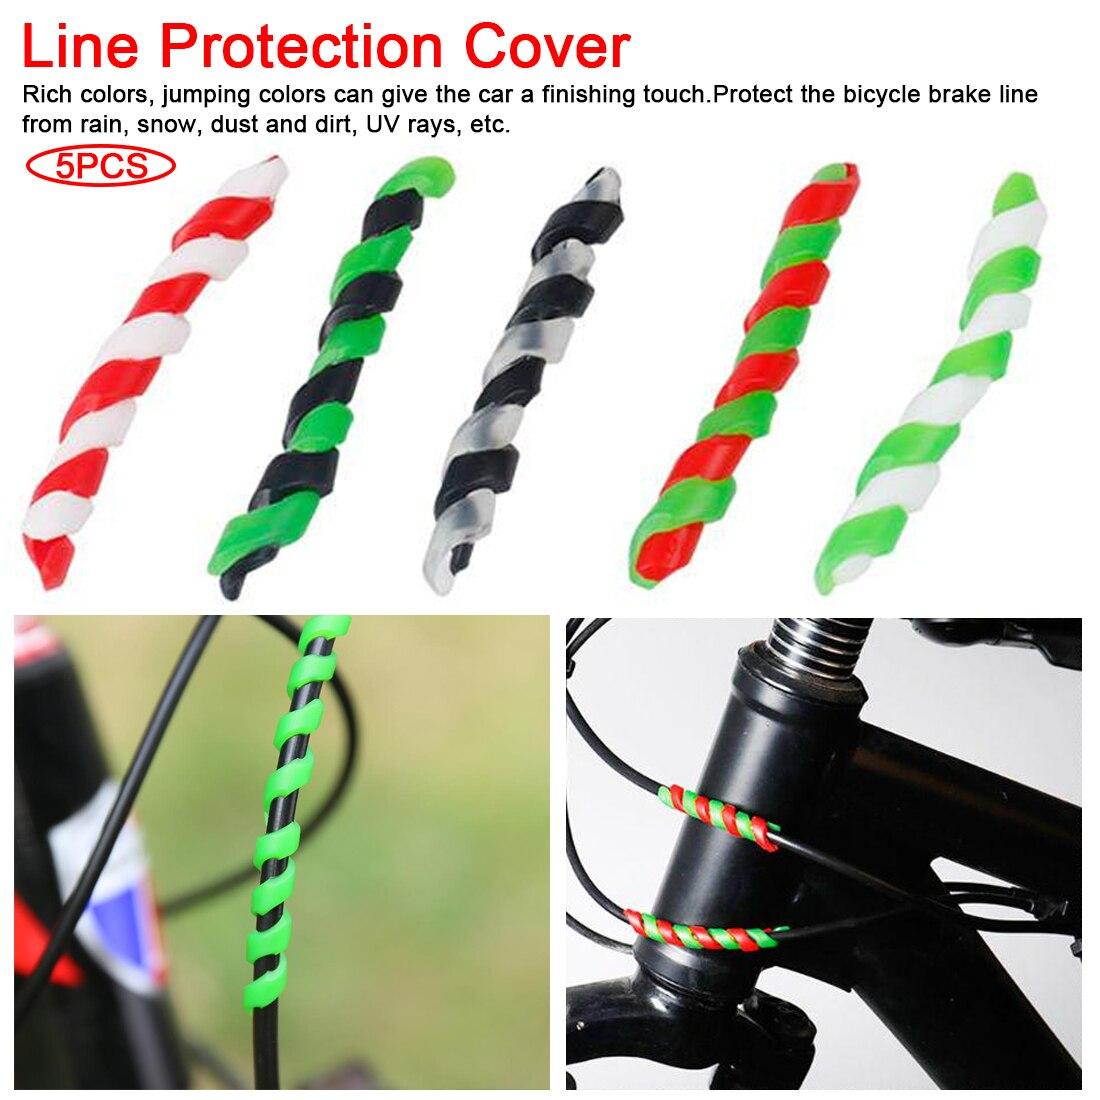 Accessoires de vélo nouvelle couverture de vélo gardes de Protection ligne de frein protecteur soin cyclisme caoutchouc Anti-friction garde de vélo